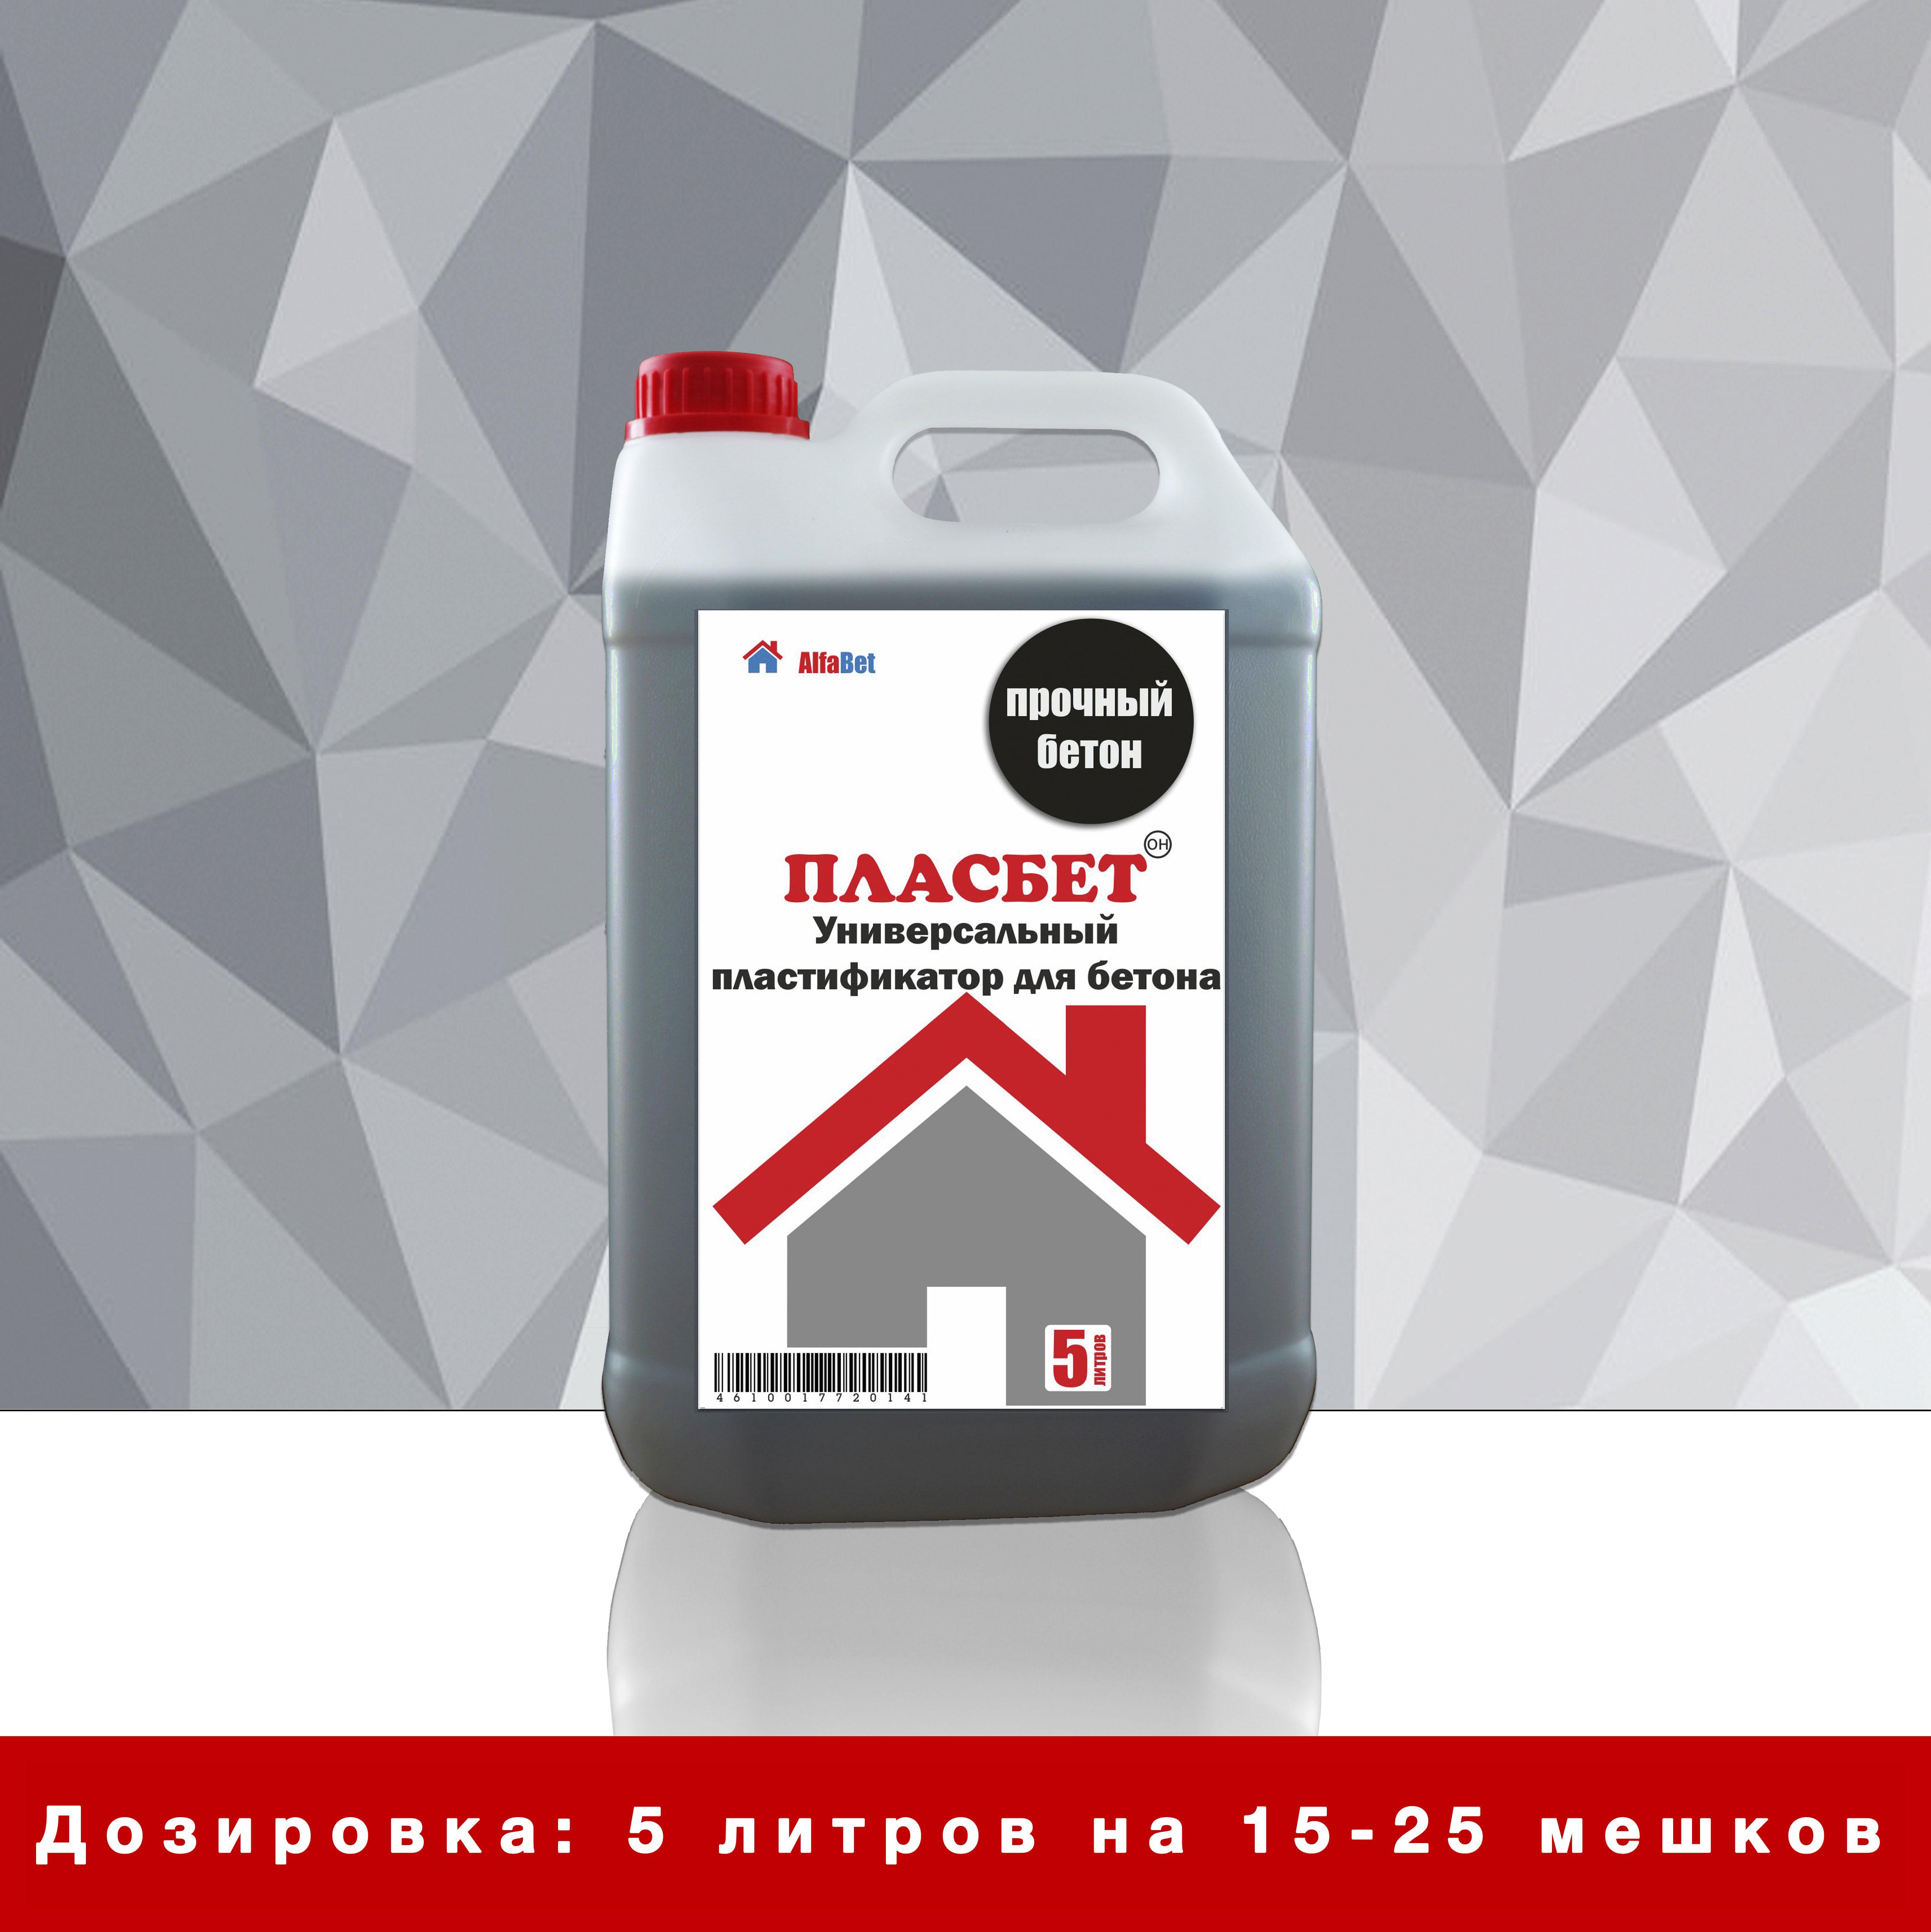 Купить пластификатор для бетона в интернет магазине заокск бетон заокский бетонный завод инн